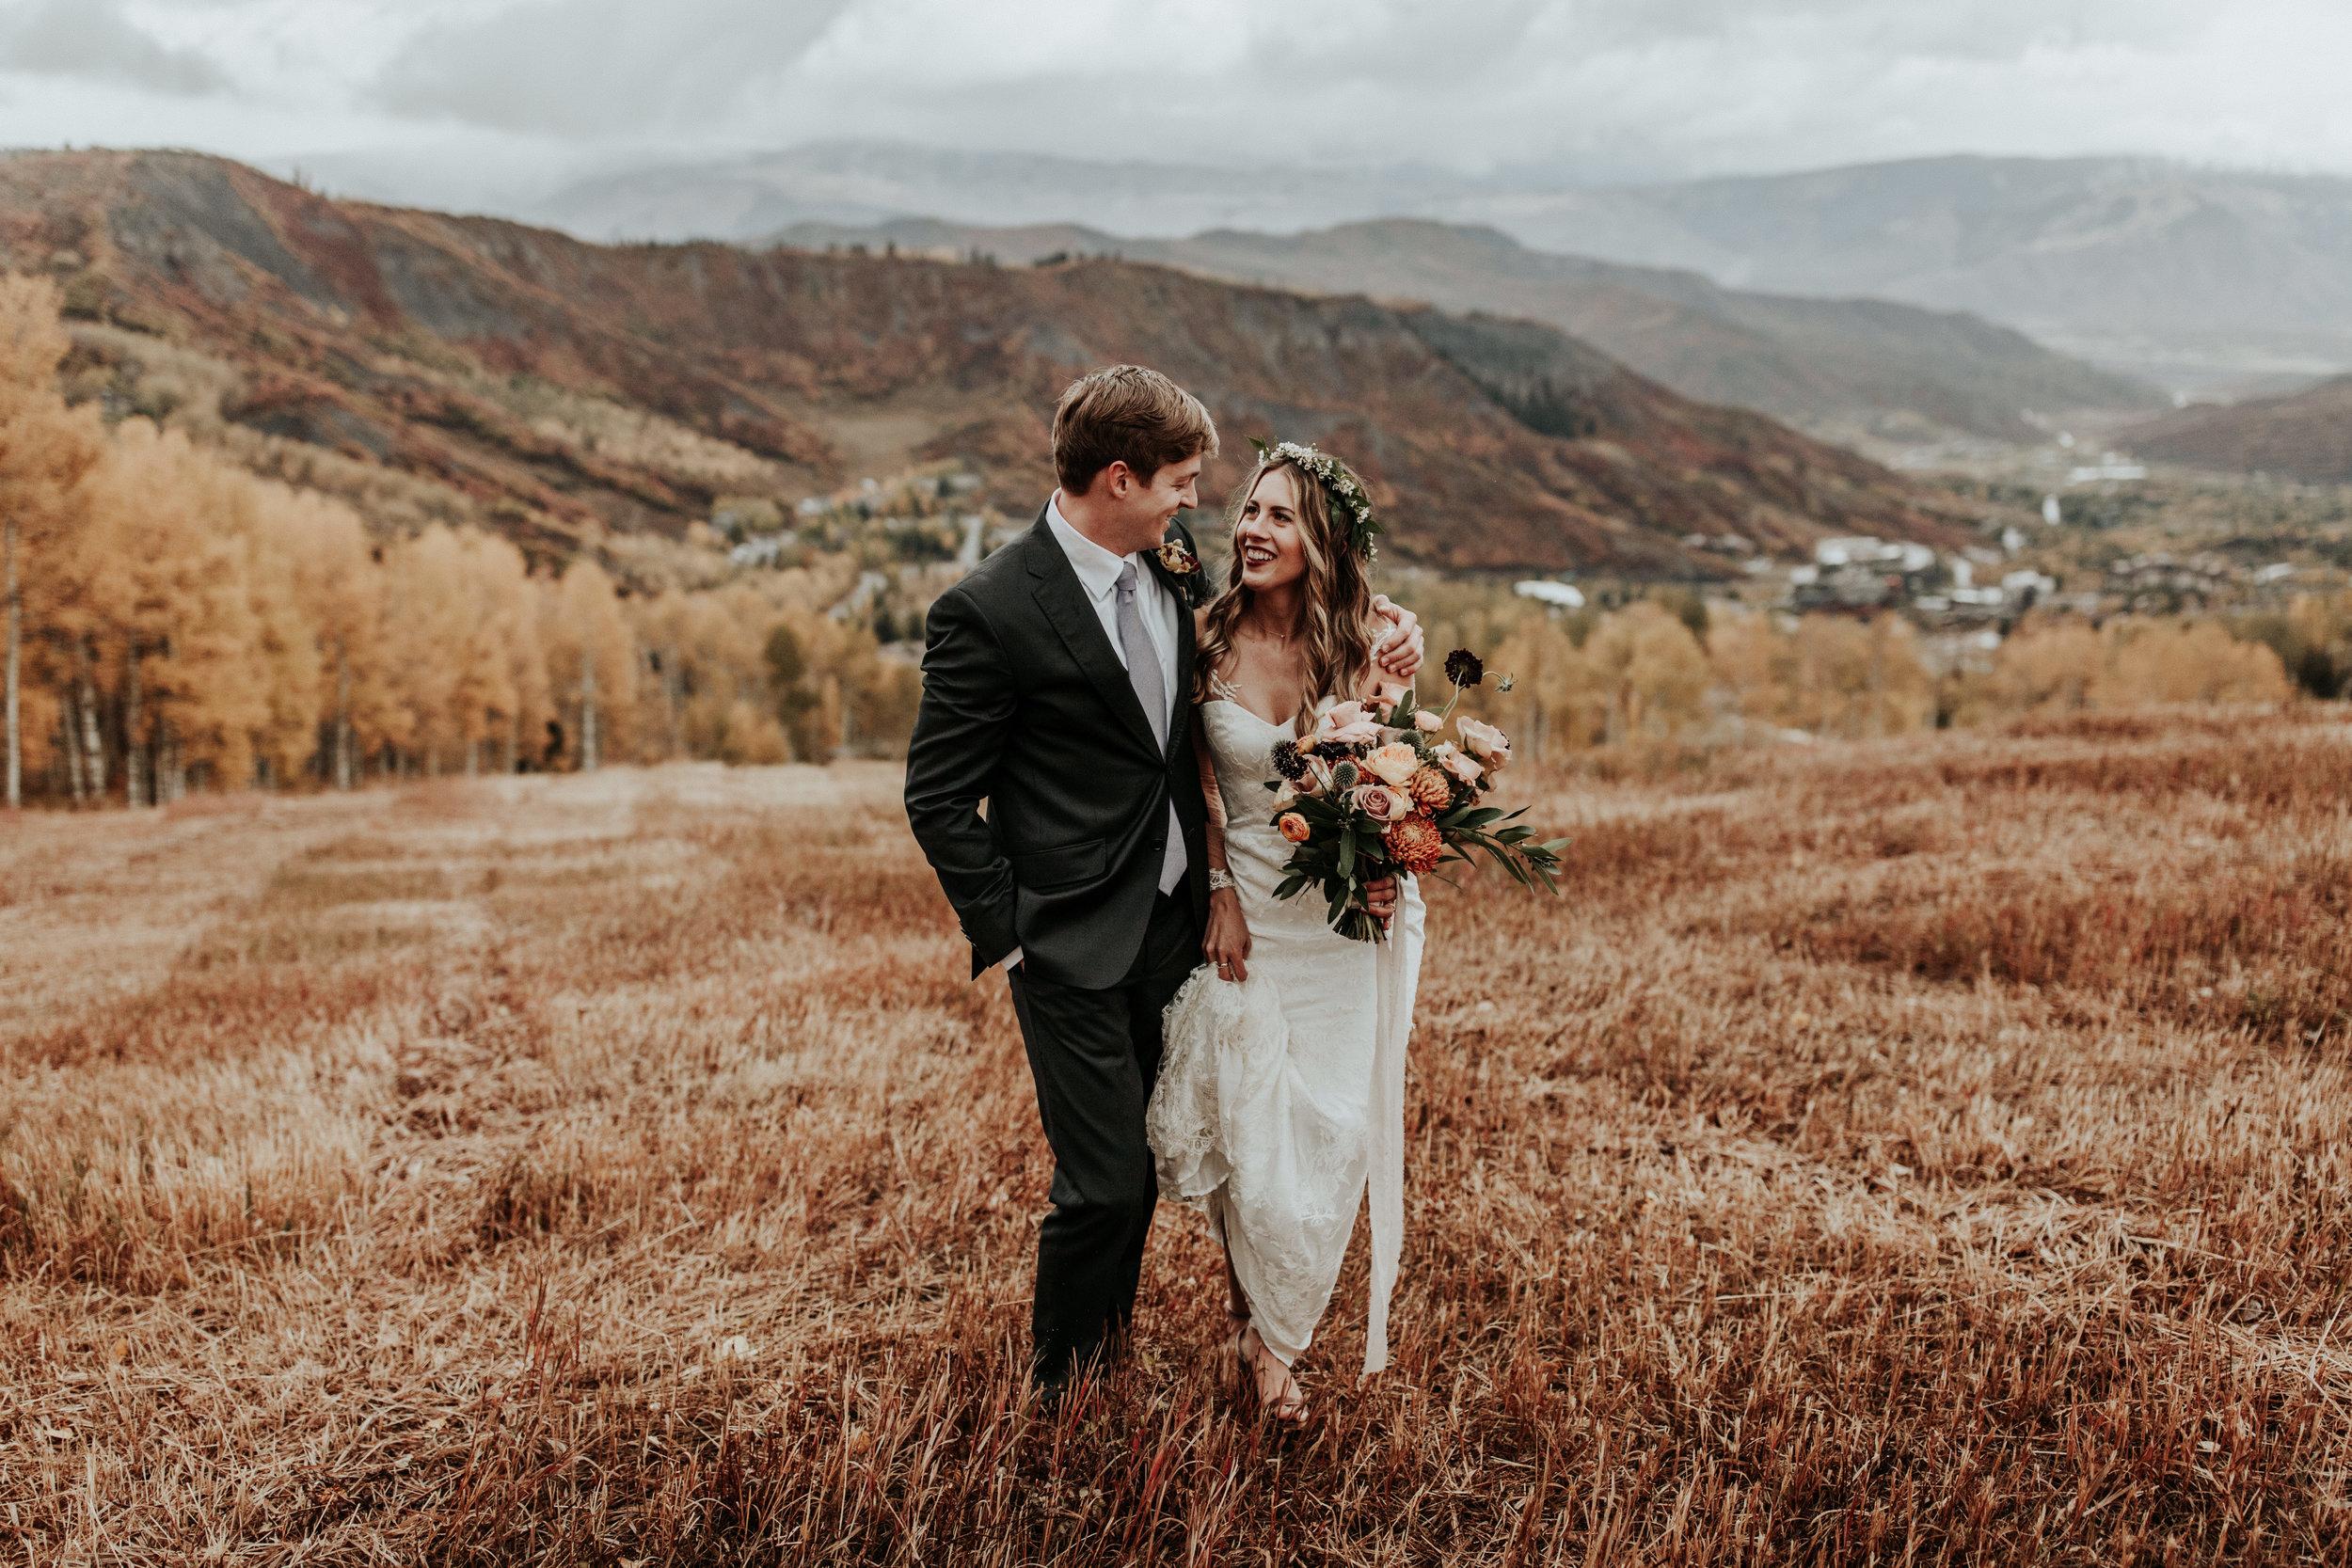 McCamy Wedding- Aspen, Colorado- Karra Leigh Photography-548.jpg